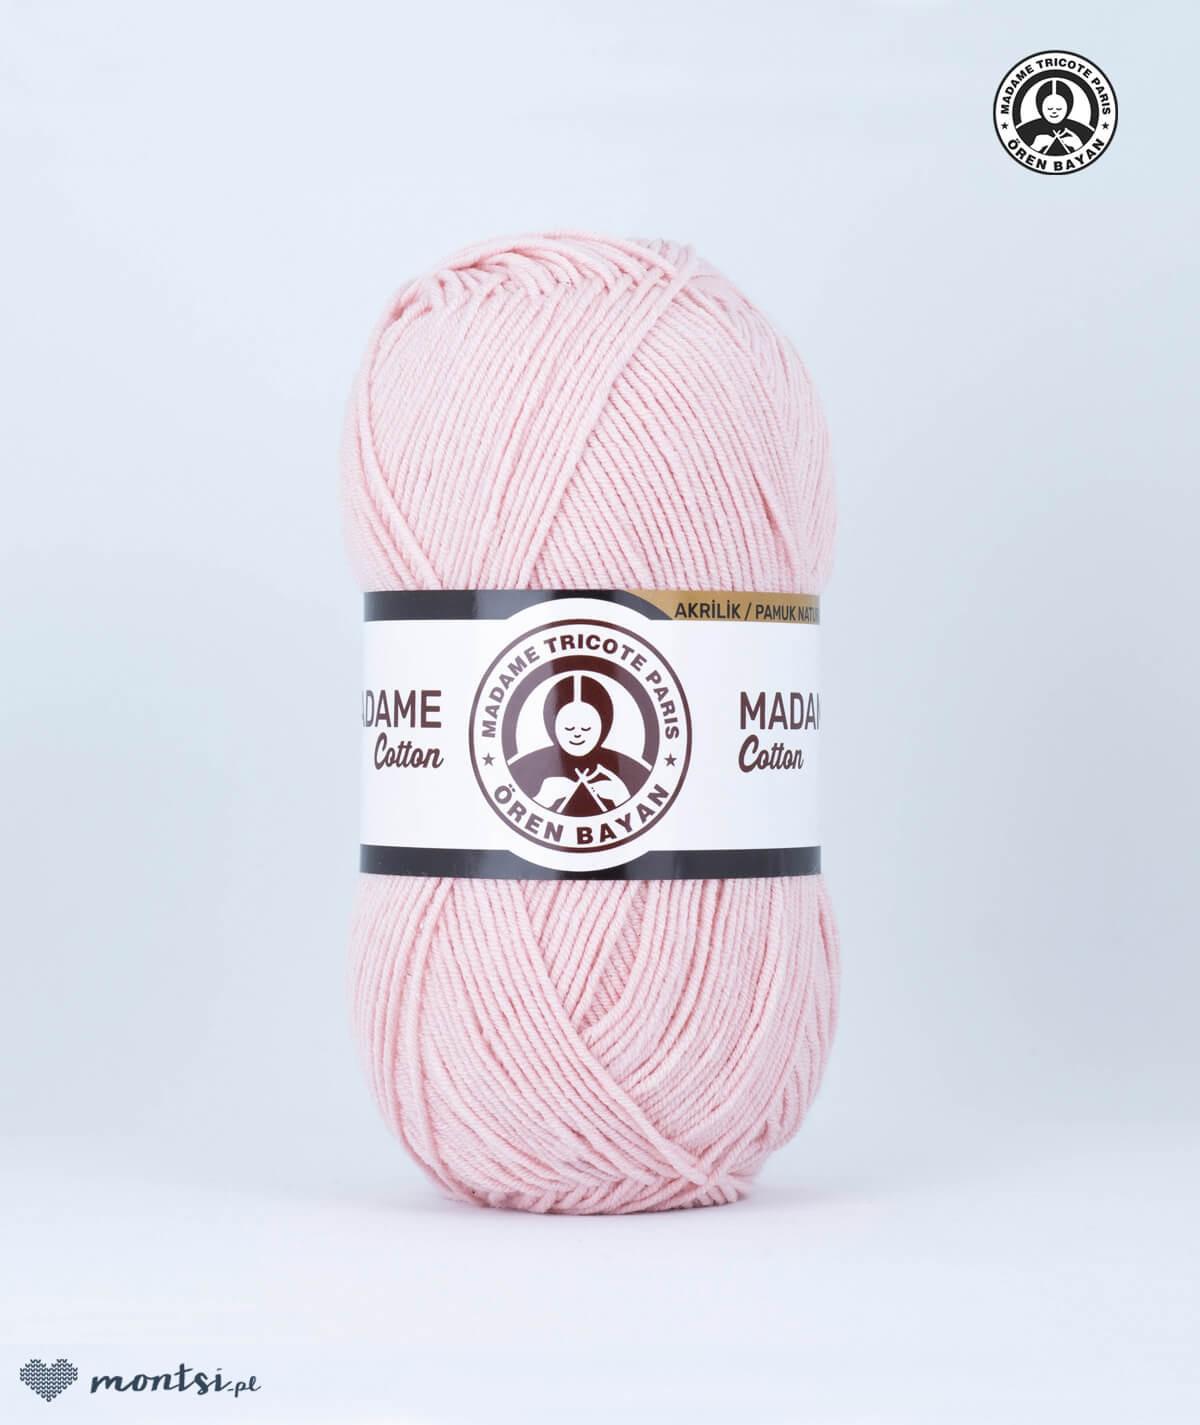 Włóczka Madame Cotton 028 pudrowy róż Madame Tricote Paris